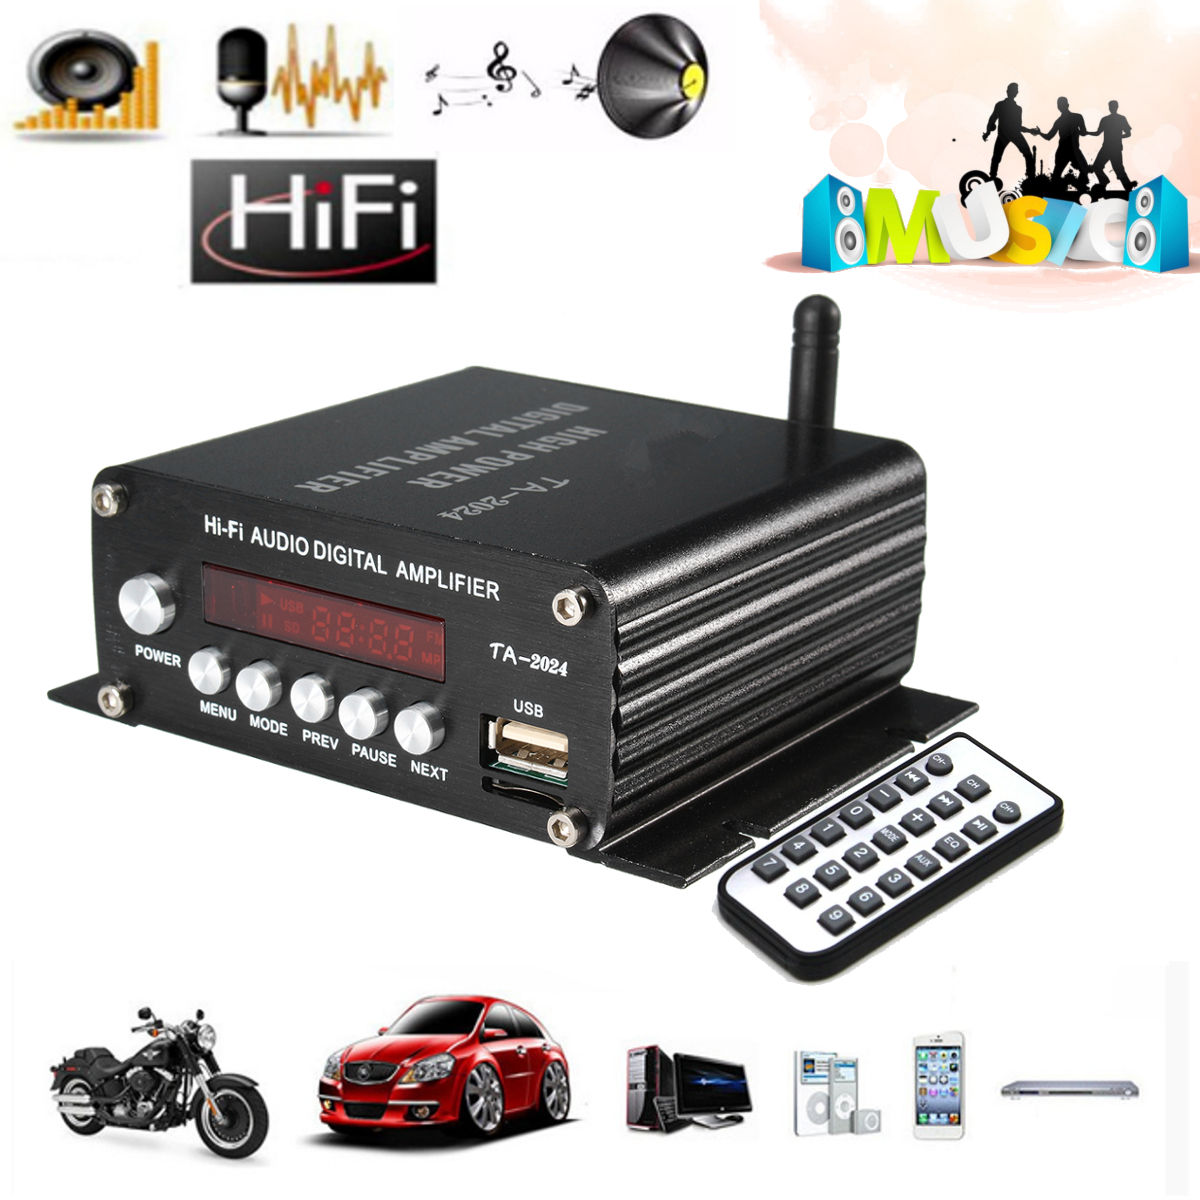 Amplificateur Audio HI-FI bluetooth classe D amplificateur Audio stéréo numérique FM pour voiture maison lecteur MP3